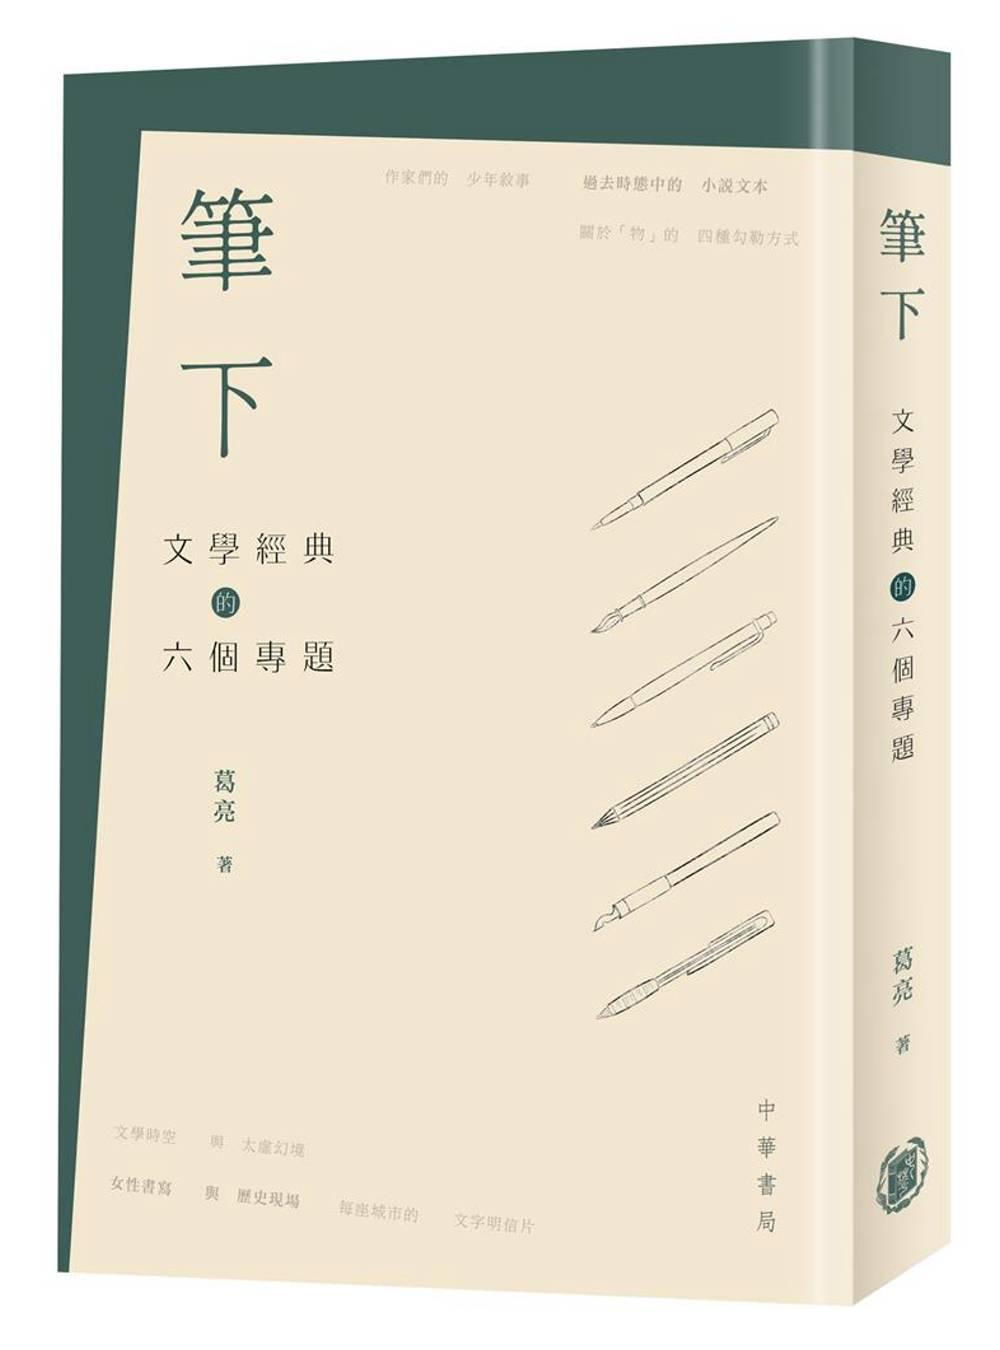 筆下:文學經典的六個專題